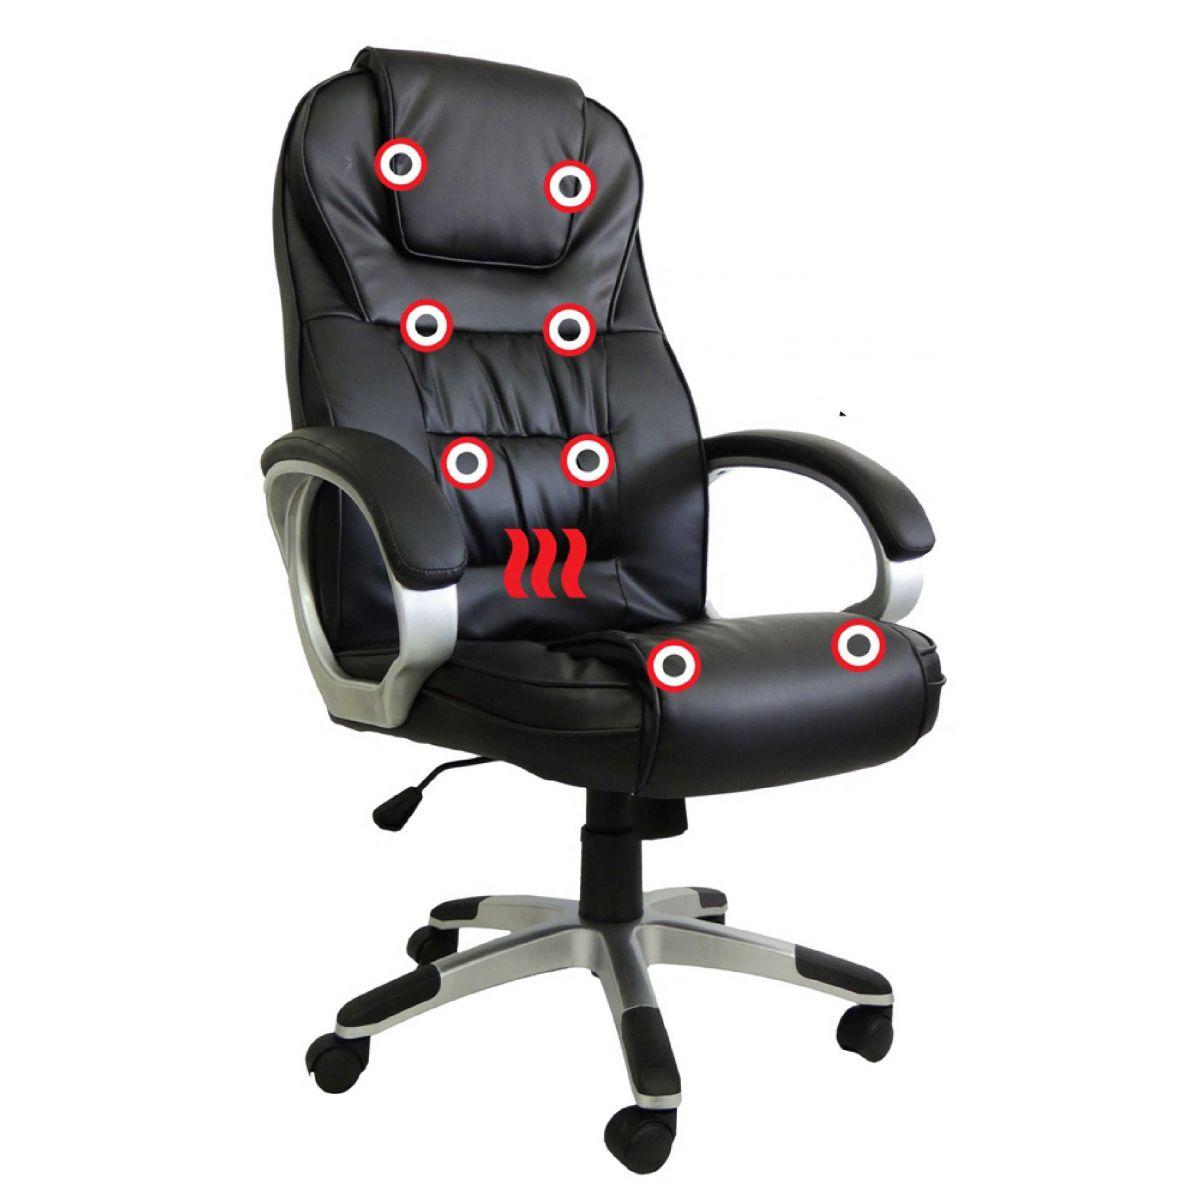 Cadeira Presidente em Couro PU PEL-C2652 Preta com Massagem e Aquecimento